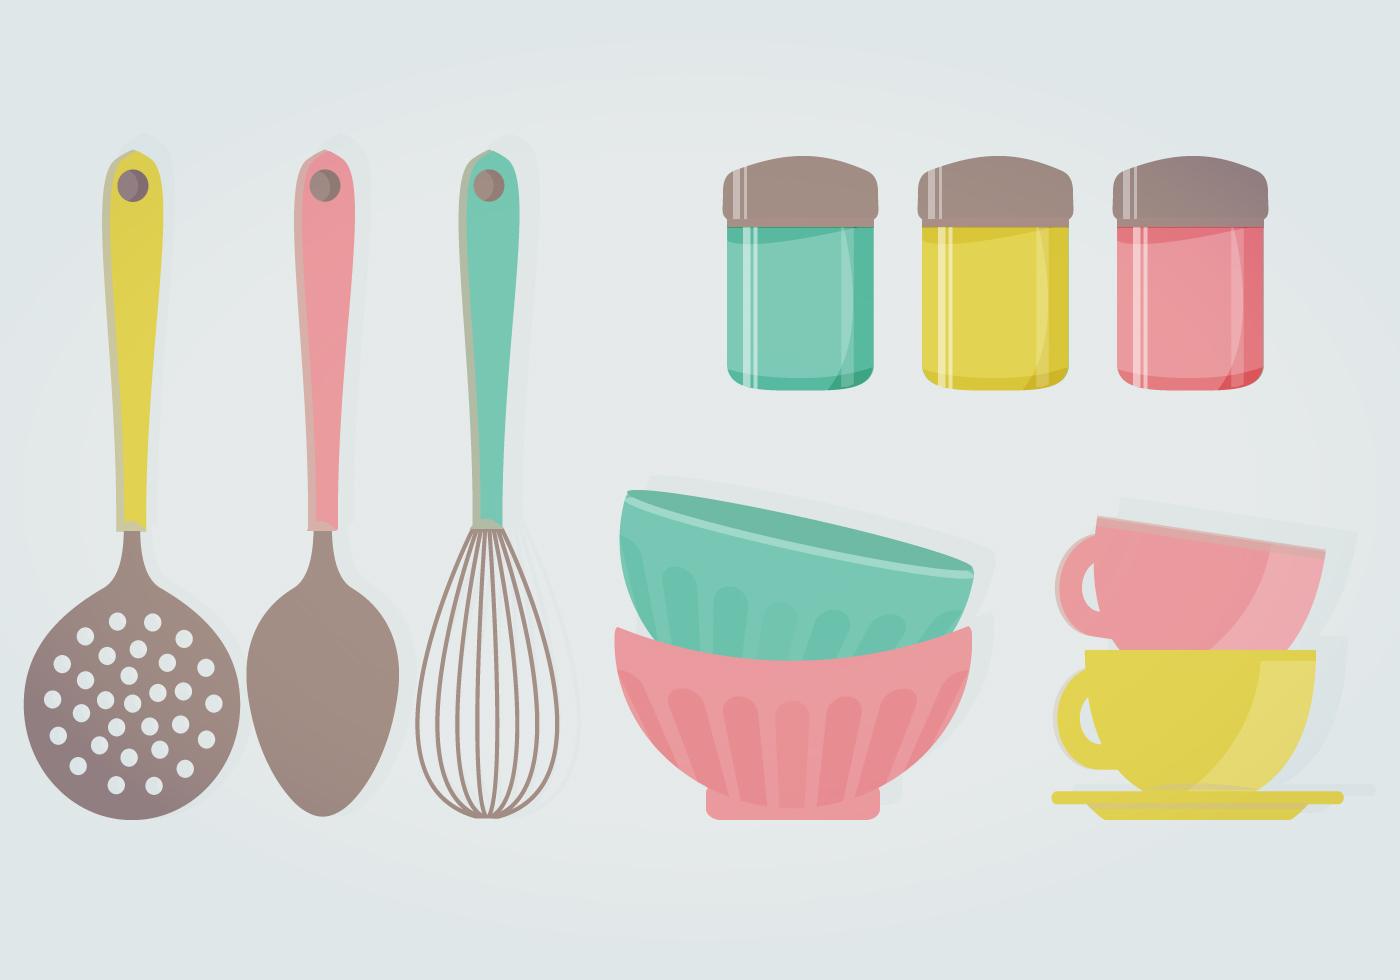 Ilustra o retro do vetor da cozinha download vetores e for Utensilios de cocina logo